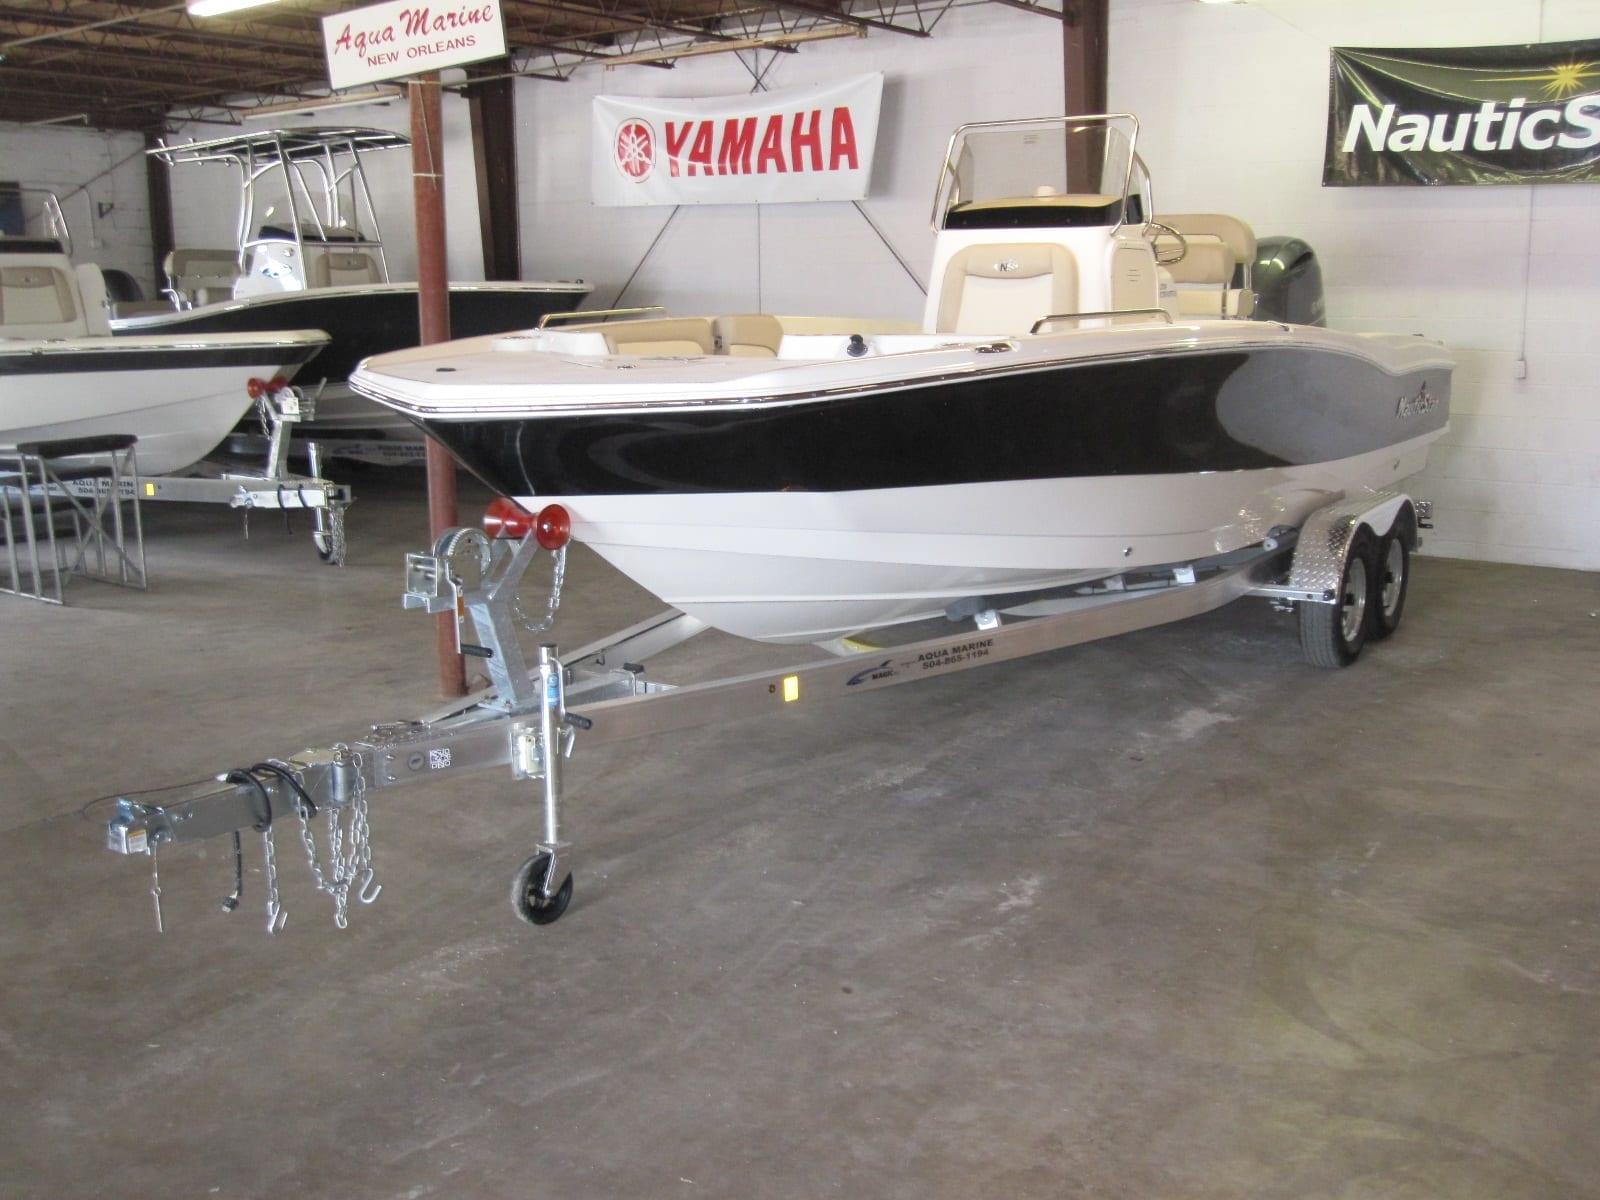 NauticStar 231 coastal F200